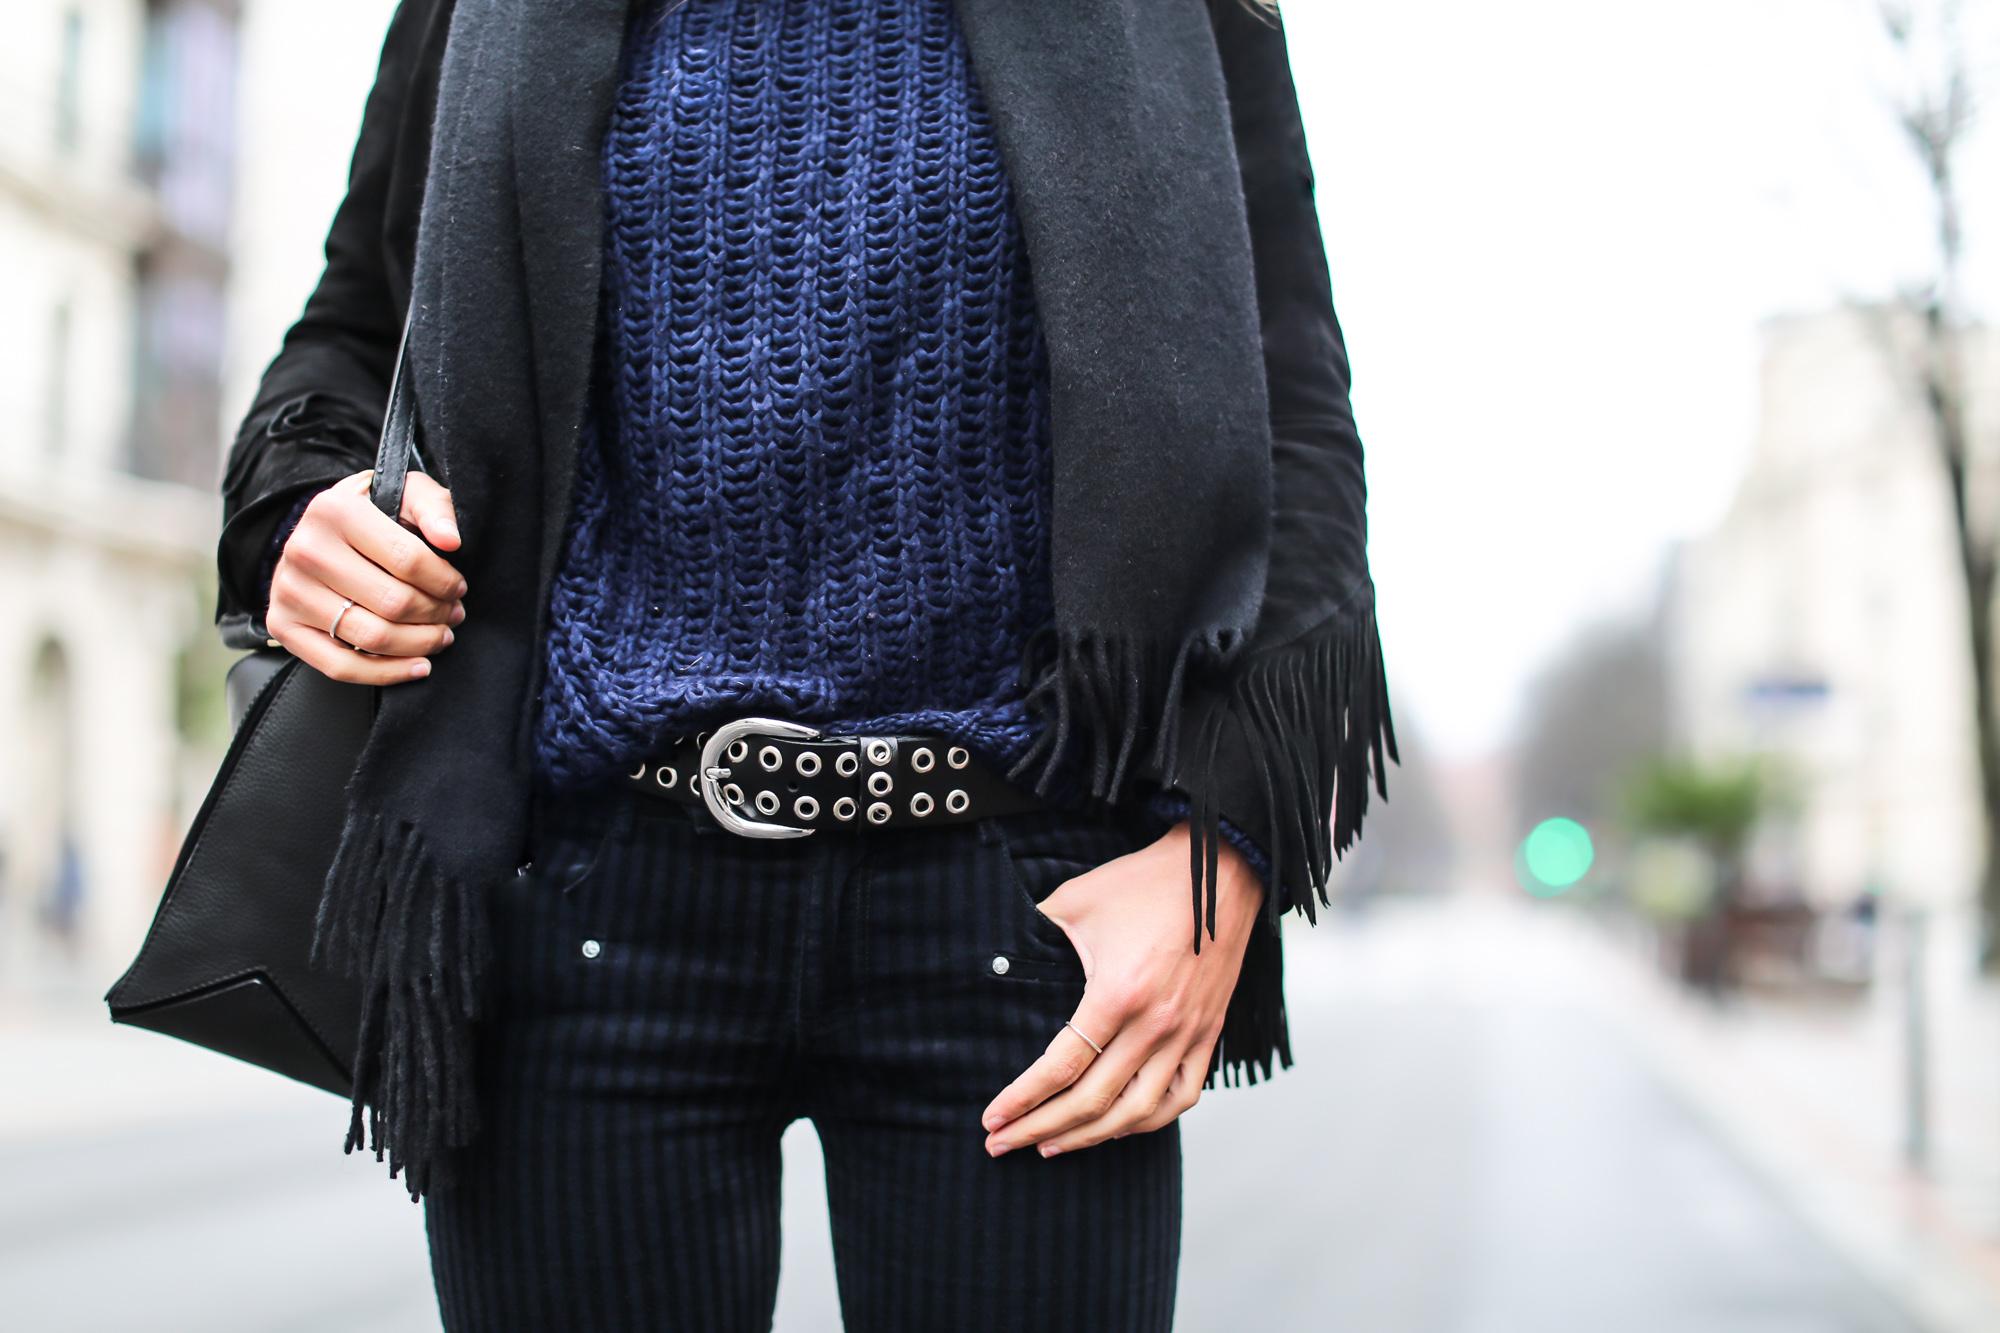 Clochet_streetstyle_fashionblogger_purificacióngarcia_bolsotrangram_chaquetaanteflecosmaje-6